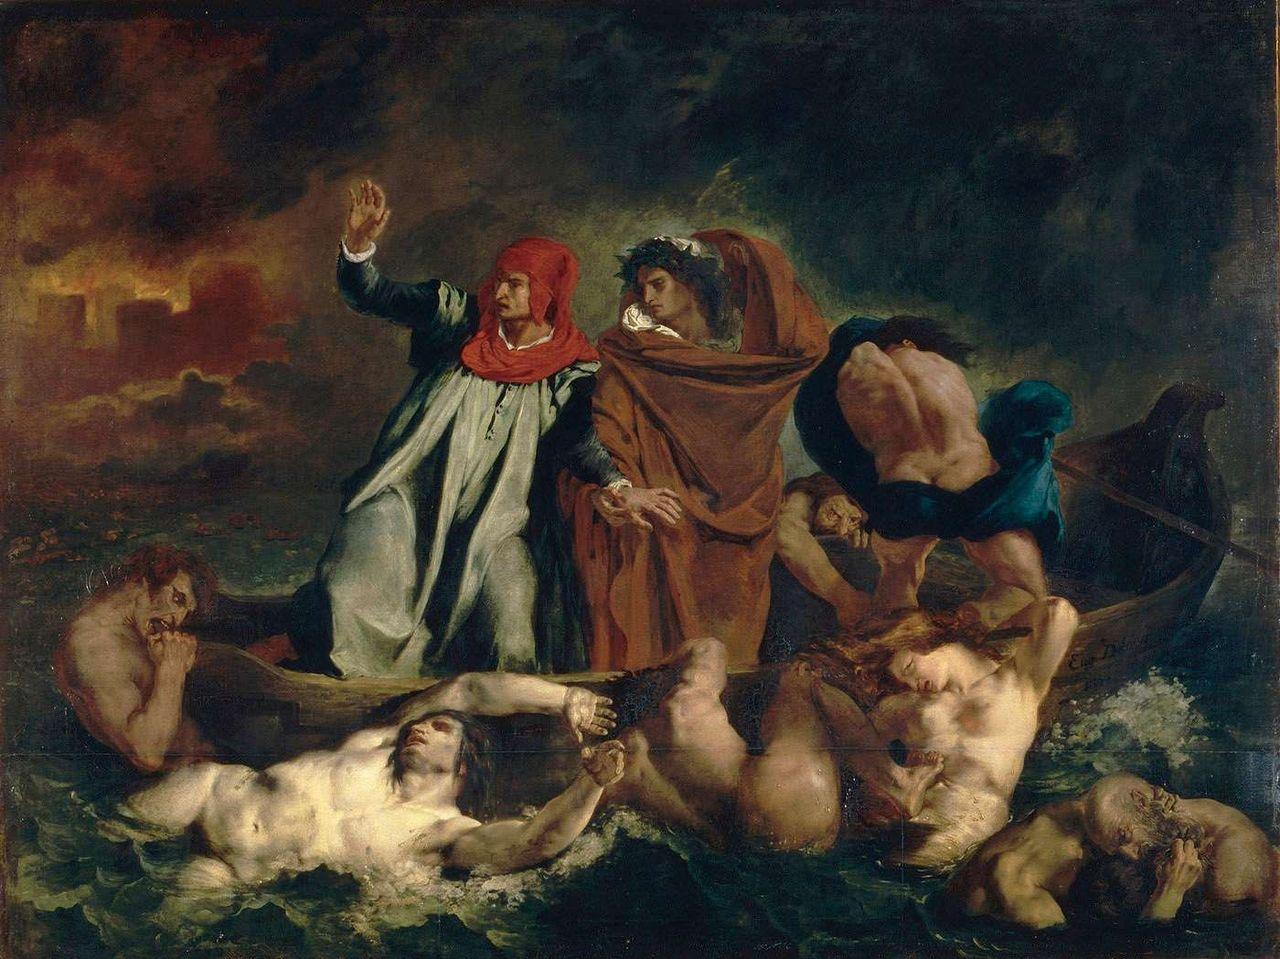 """""""La Barque de Dante,"""" Eugène Delacroix, 1822, oil on canvas."""